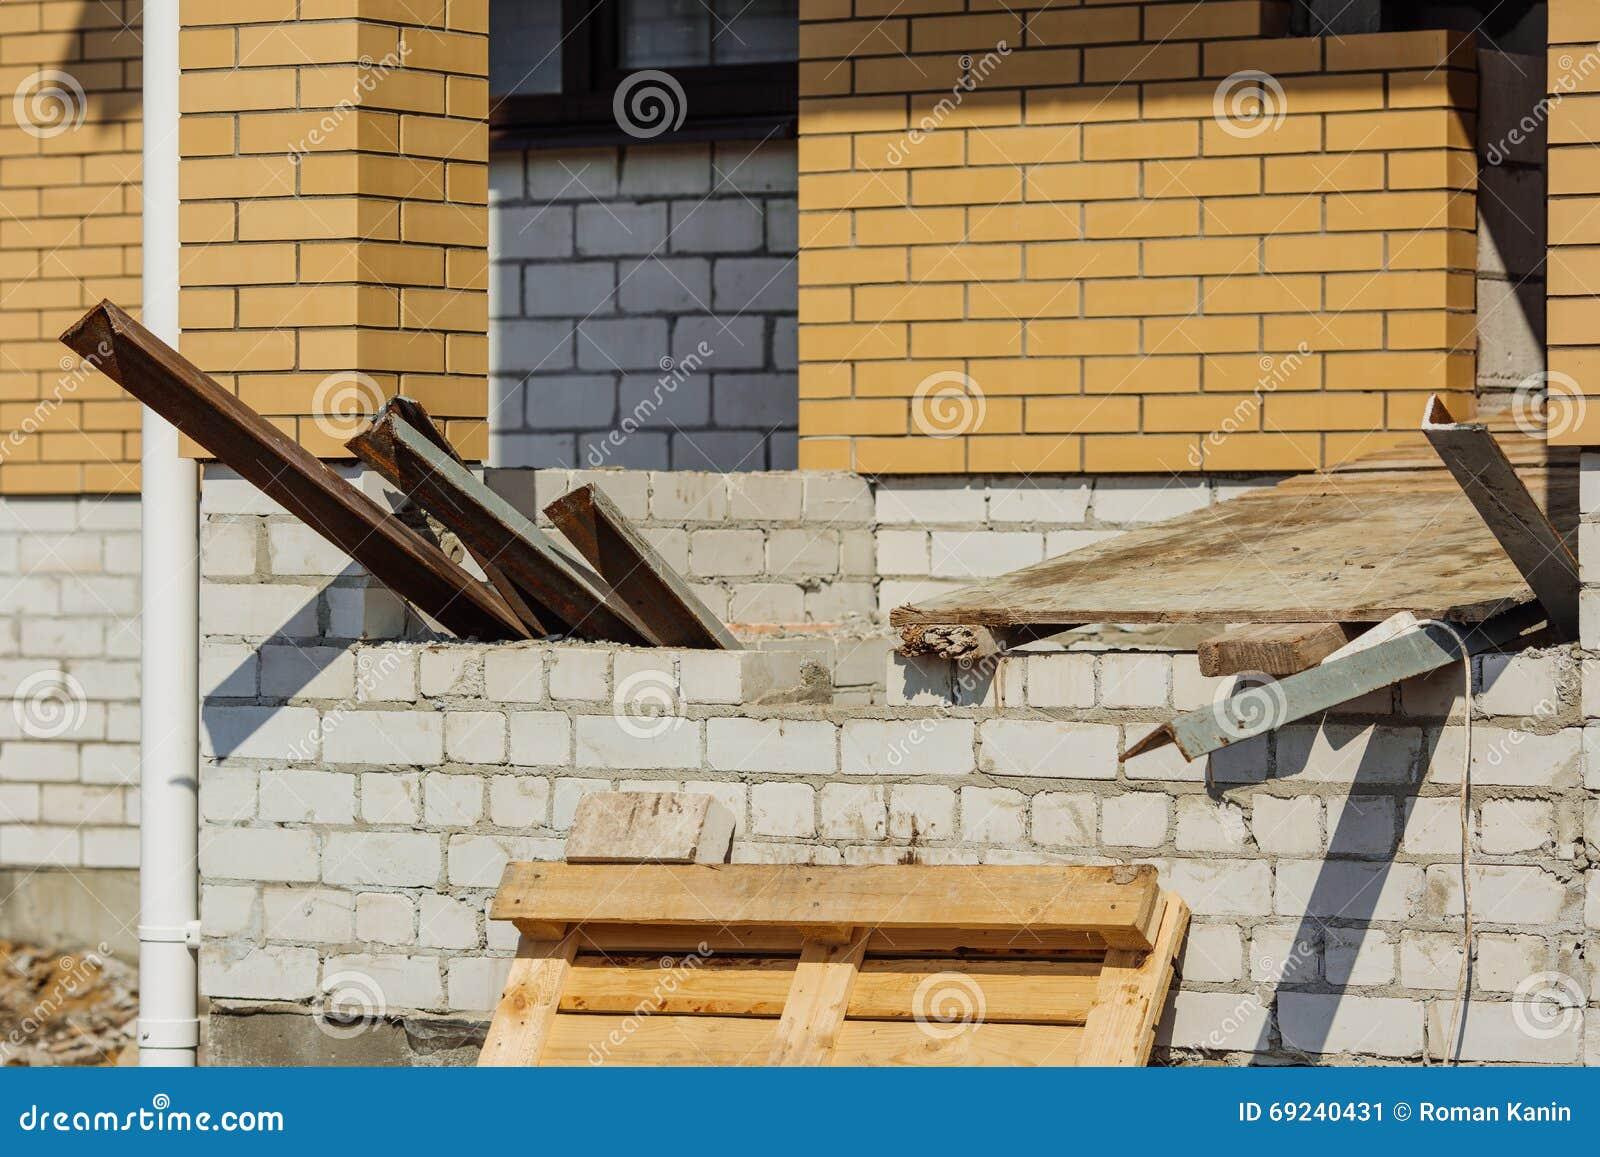 Fußboden Im Neubau ~ Neubau backsteinhaus bau stockbild bild von fußboden